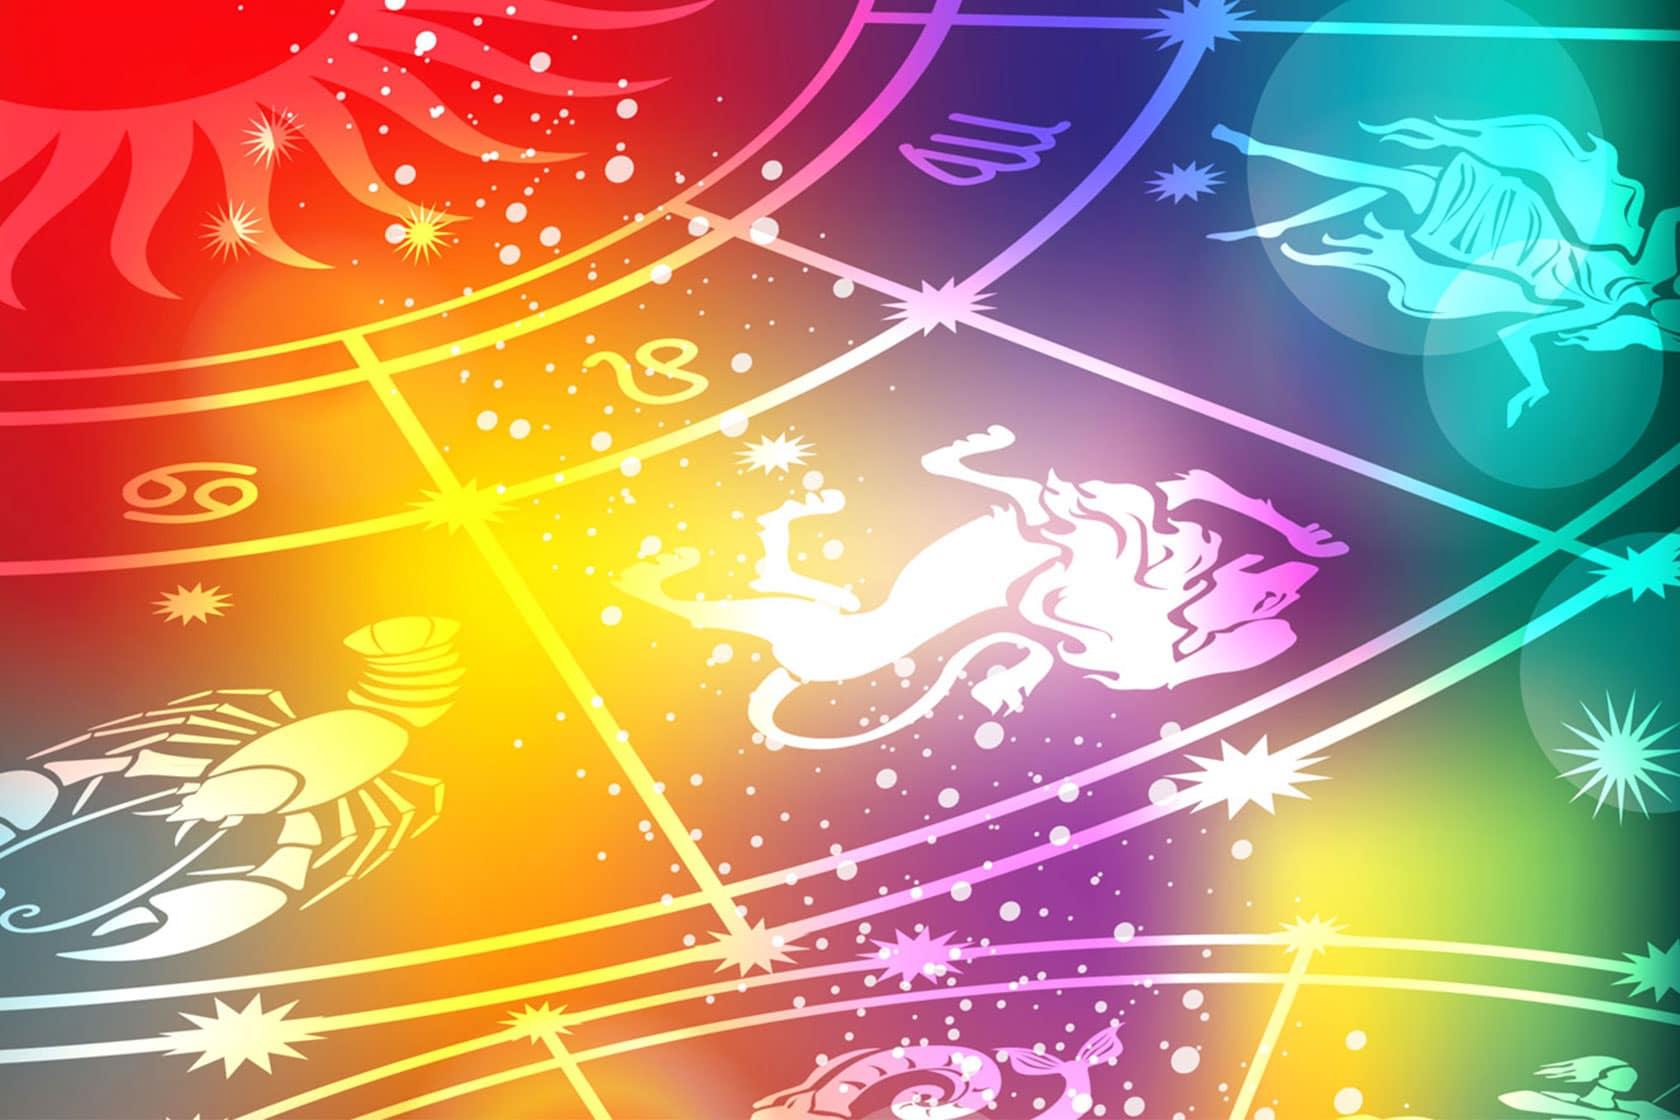 Burçlar ve Renkler Arasındaki İlişki